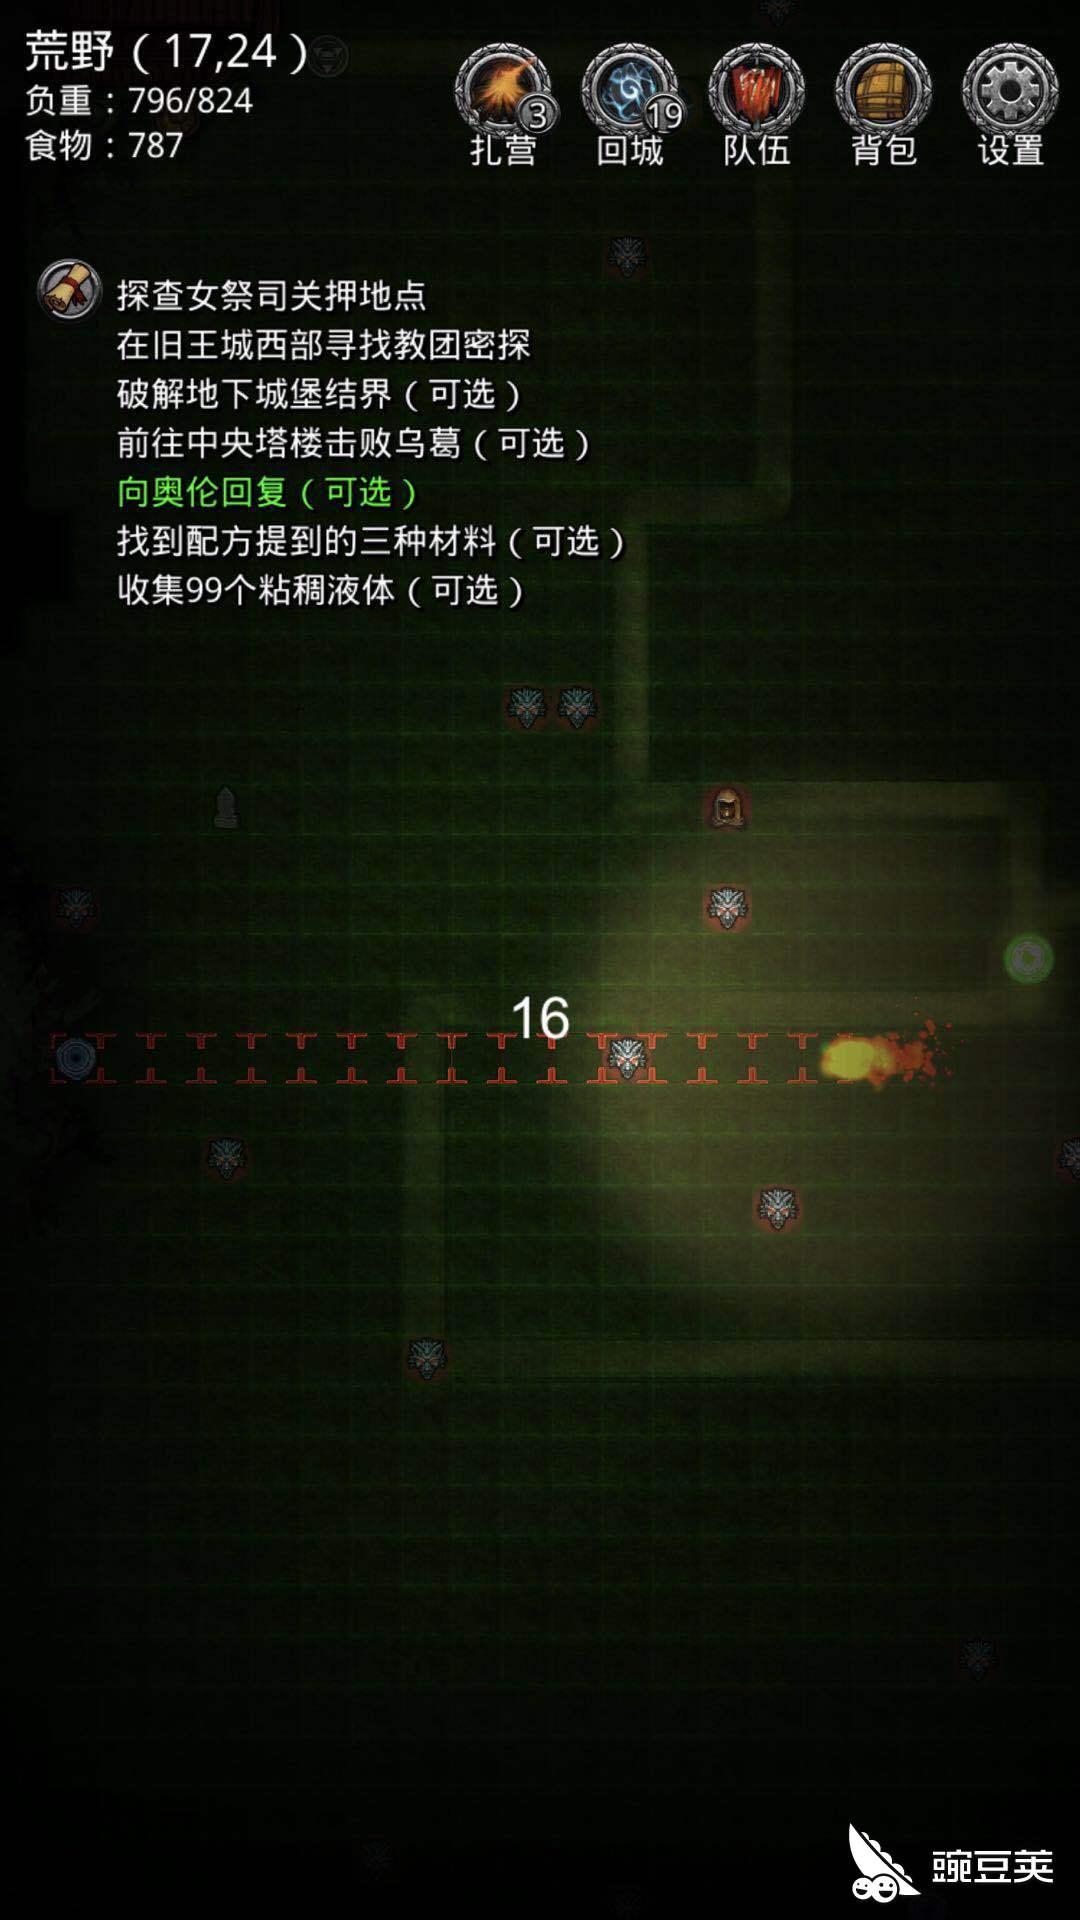 幻境8怎么去_冒险者都快没力气了 地下城堡2怎么去图9最省体力_豌豆荚